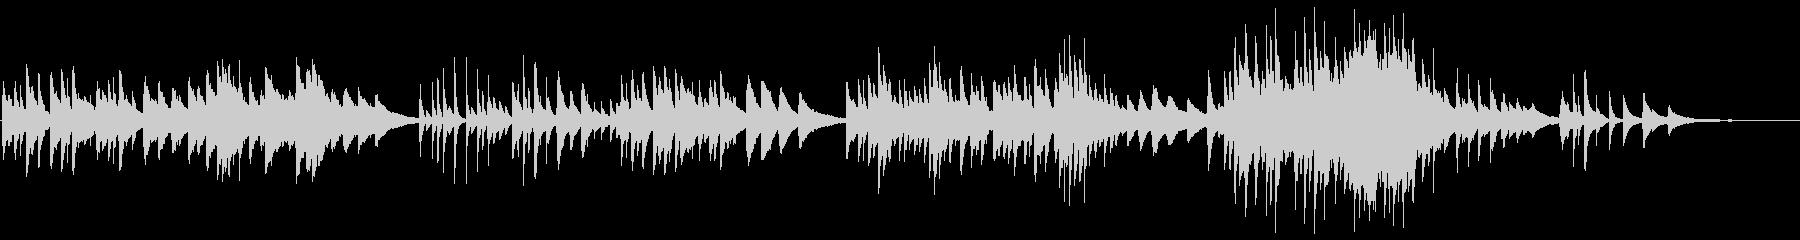 癒されるピアノバラードの未再生の波形